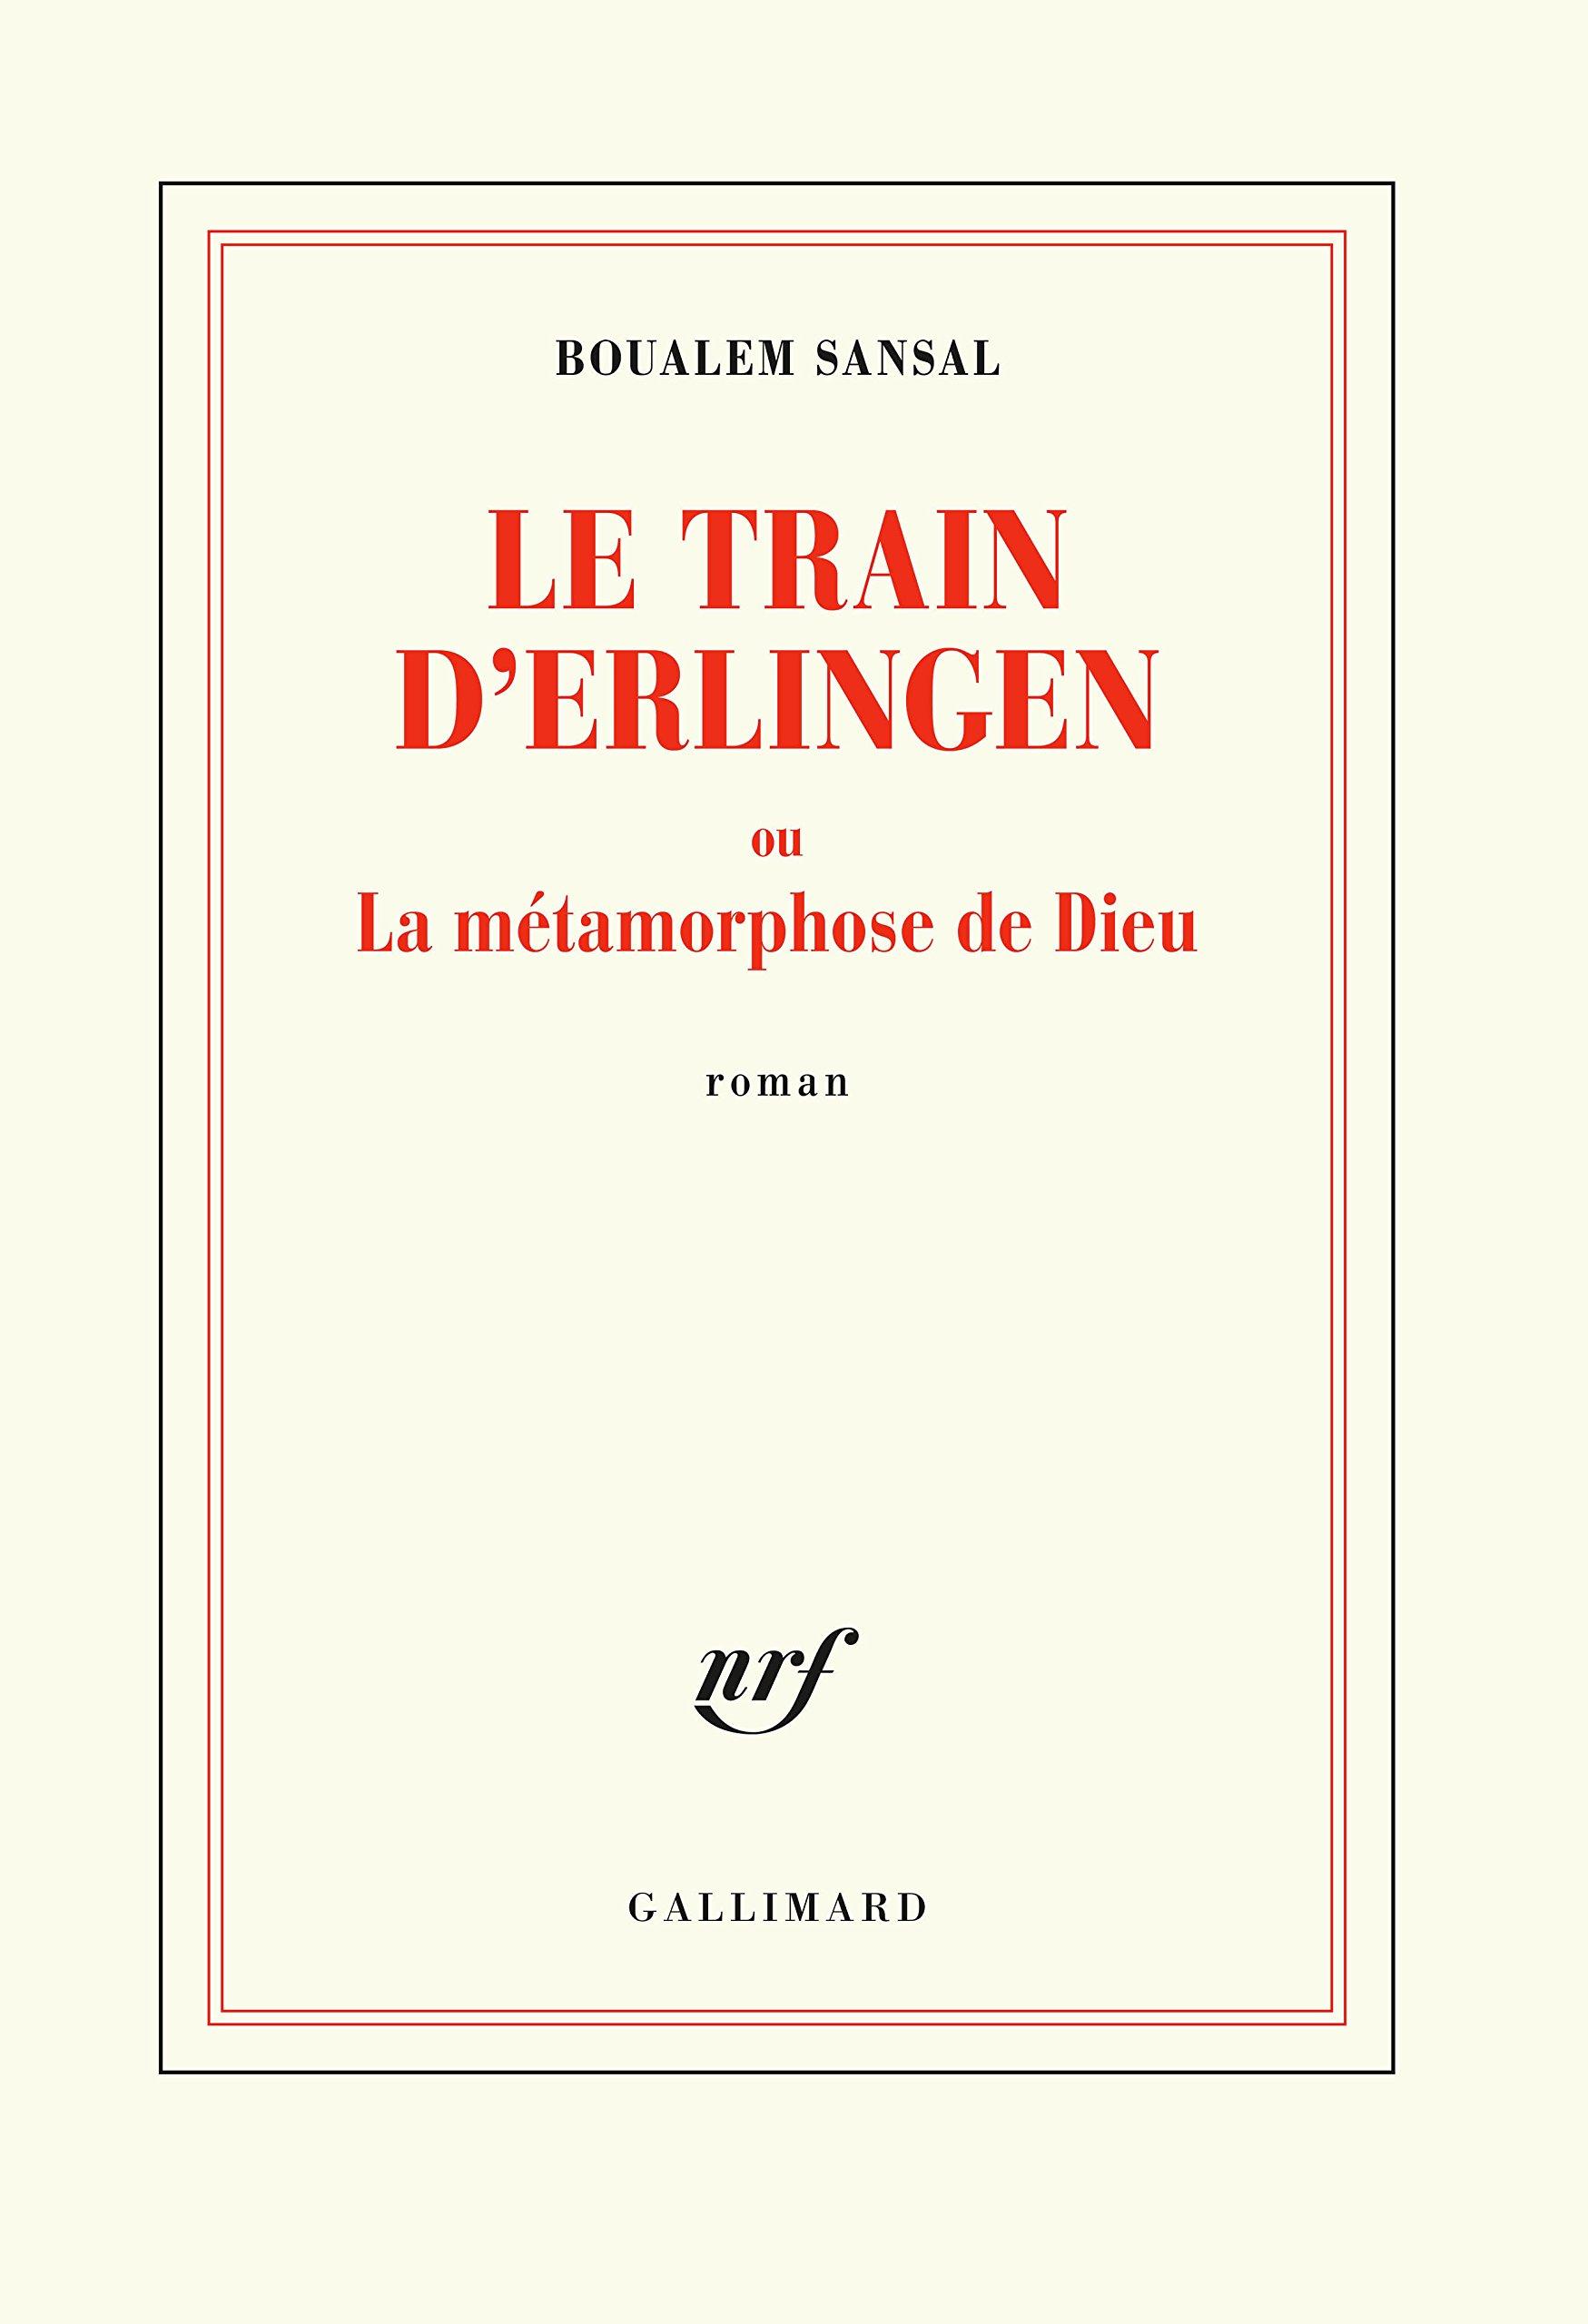 PDF MONDE FIN 2084 LA TÉLÉCHARGER GRATUIT DU